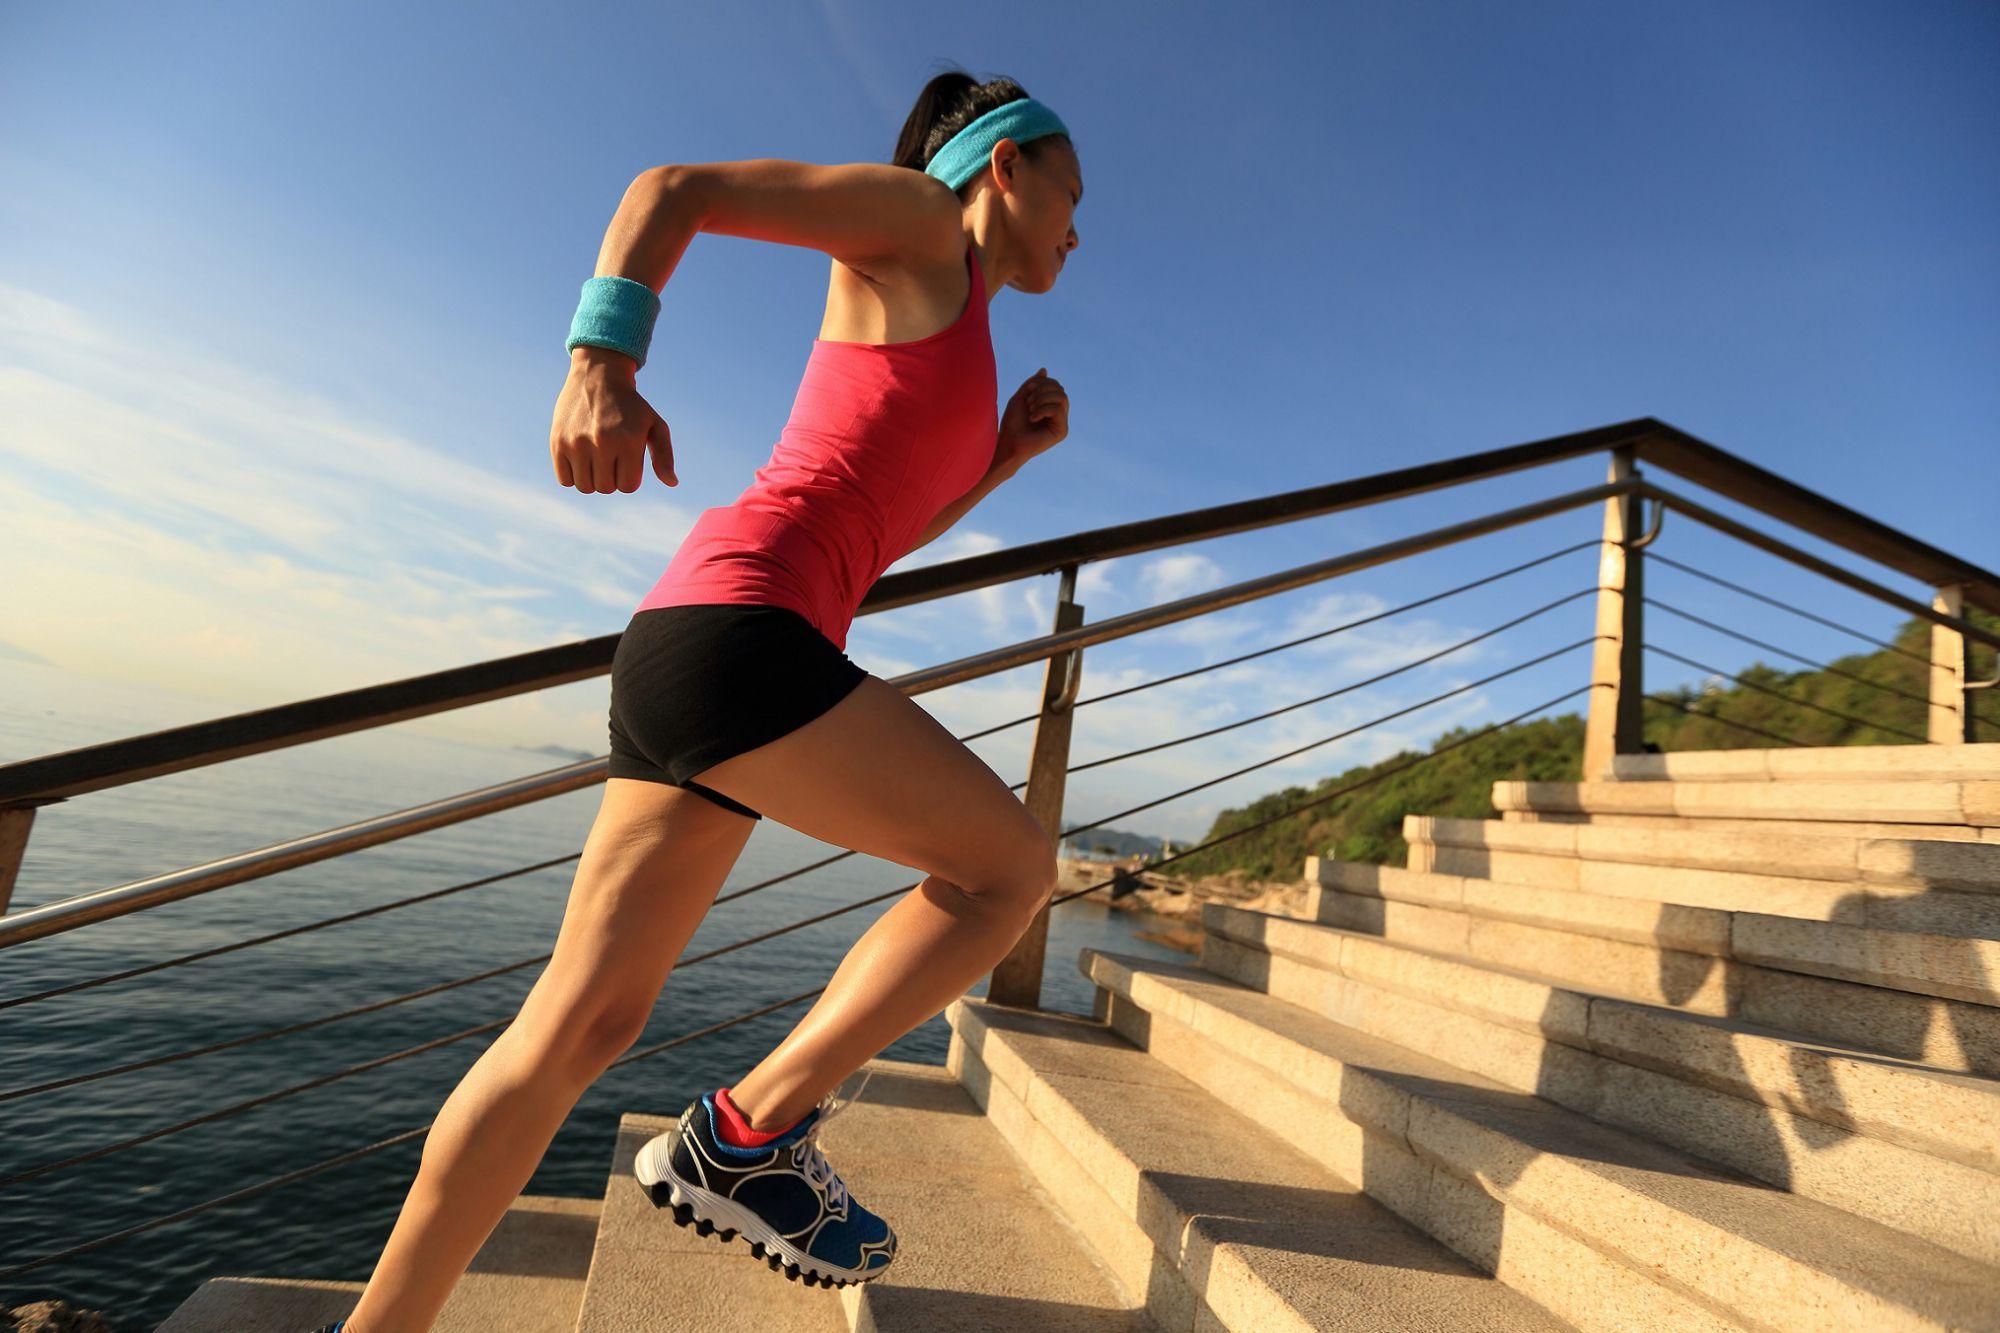 Le sport c'est bon pour la santé